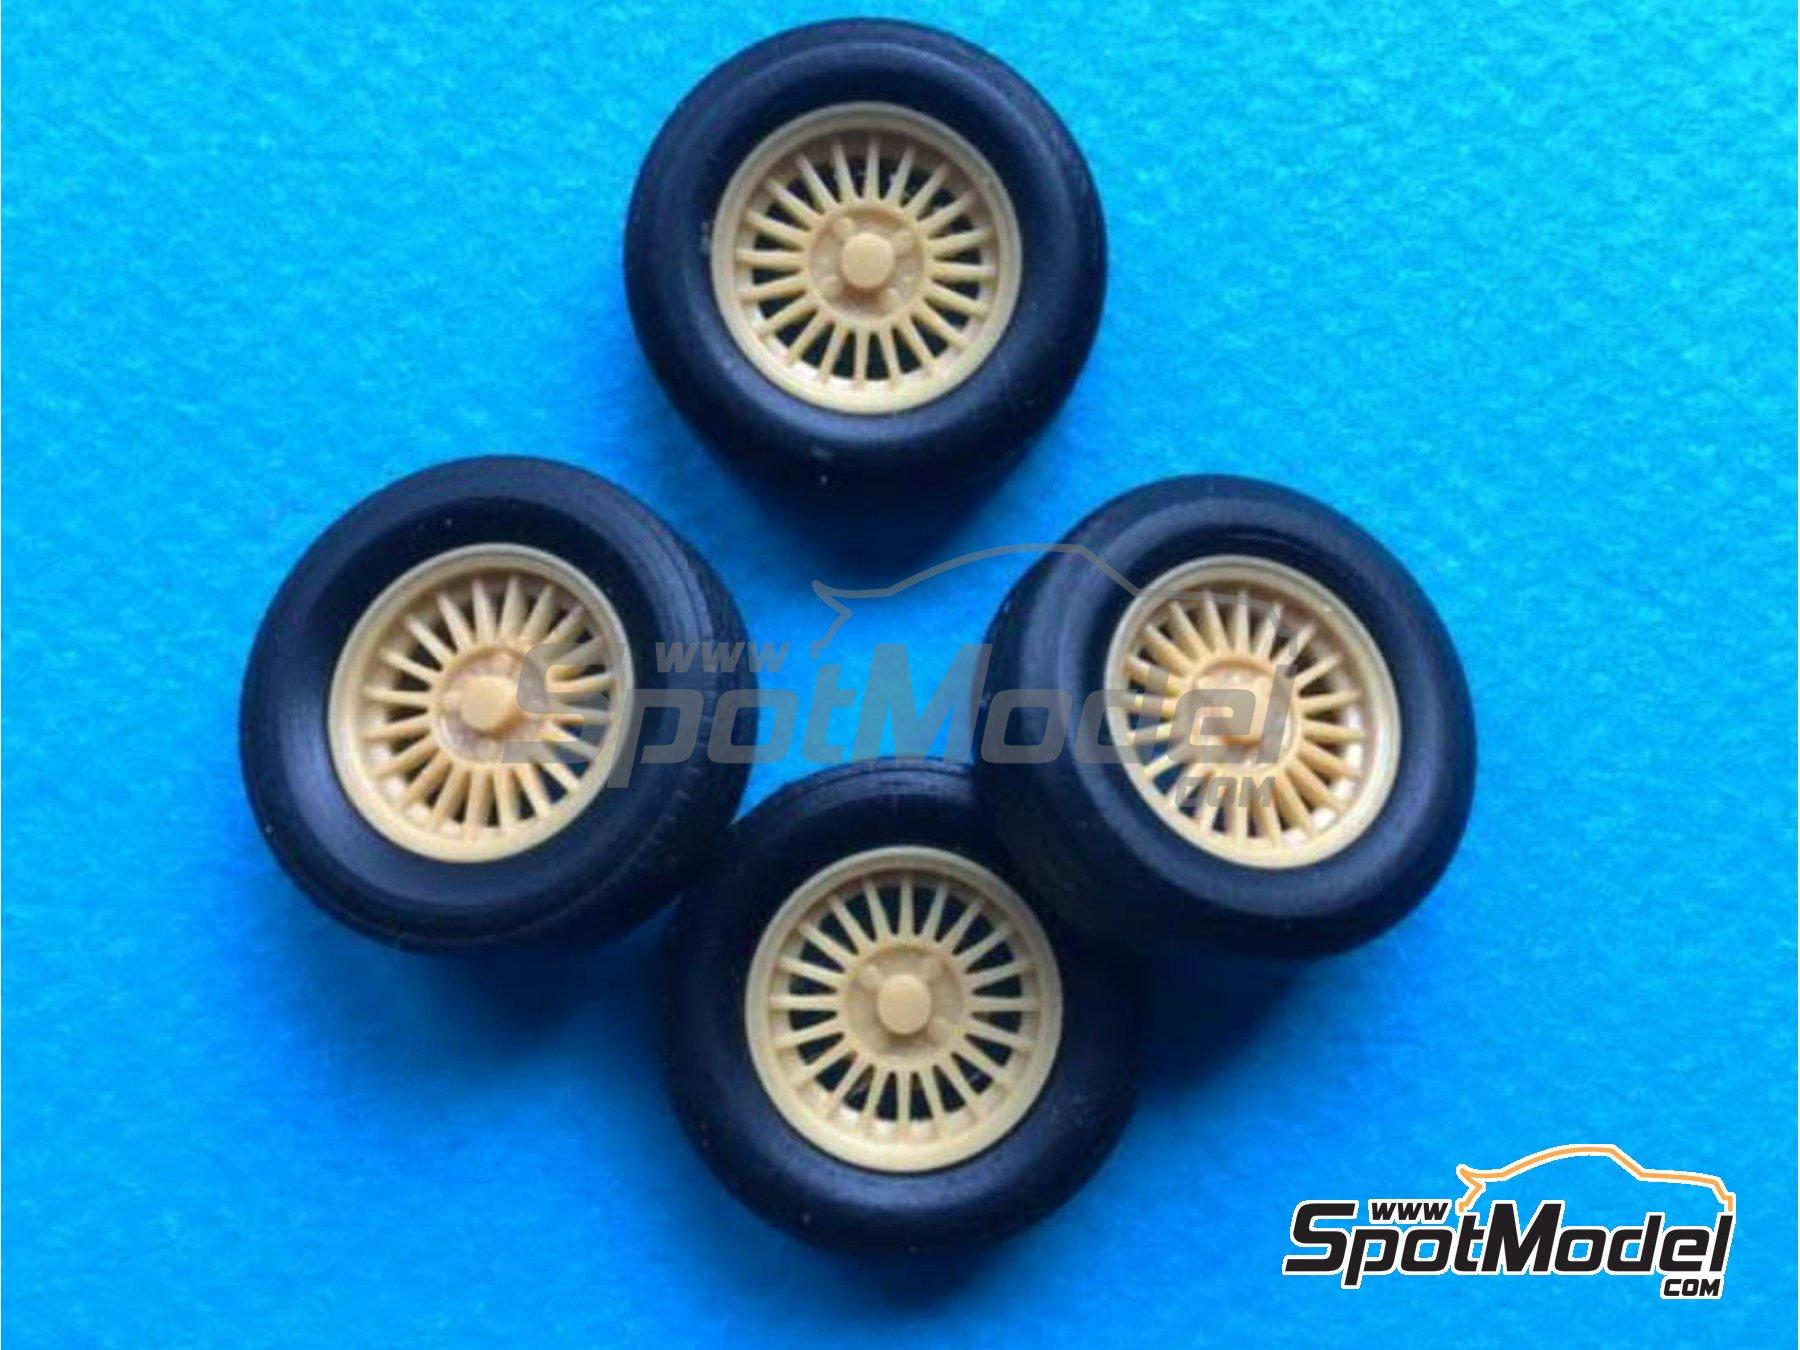 Image 1: Alpina 13 pulgadas 4 tuercas | Set de llantas y neumáticos en escala1/24 fabricado por Renaissance Models (ref.24BMALP)